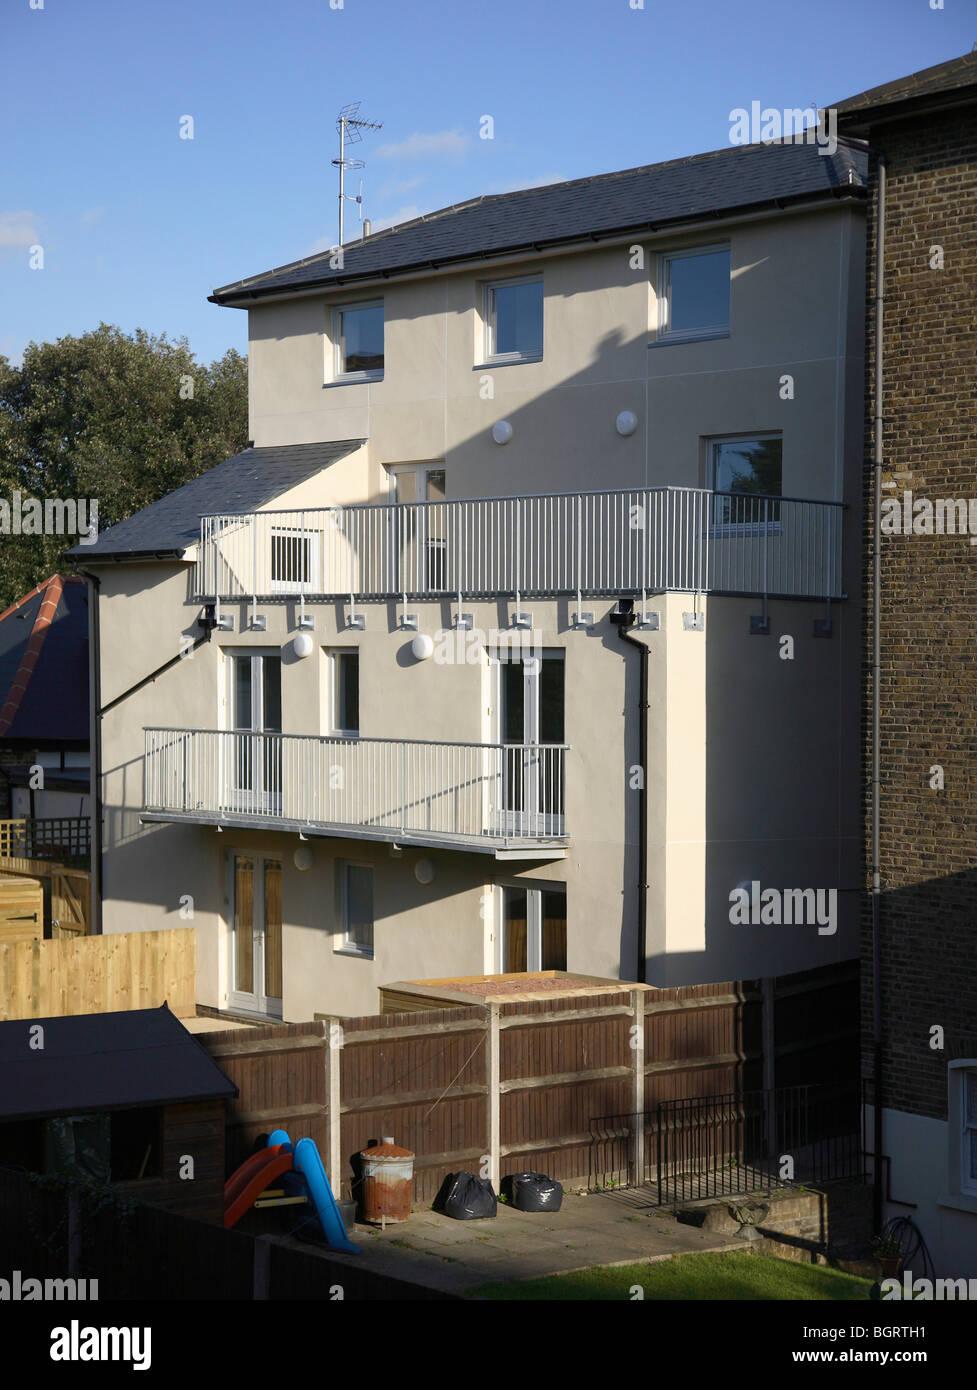 ANGELA CARTER CLOSE, LONDON, UNITED KINGDOM, ANNE THORNE ARCHITECTS PARTNERSHIP - Stock Image